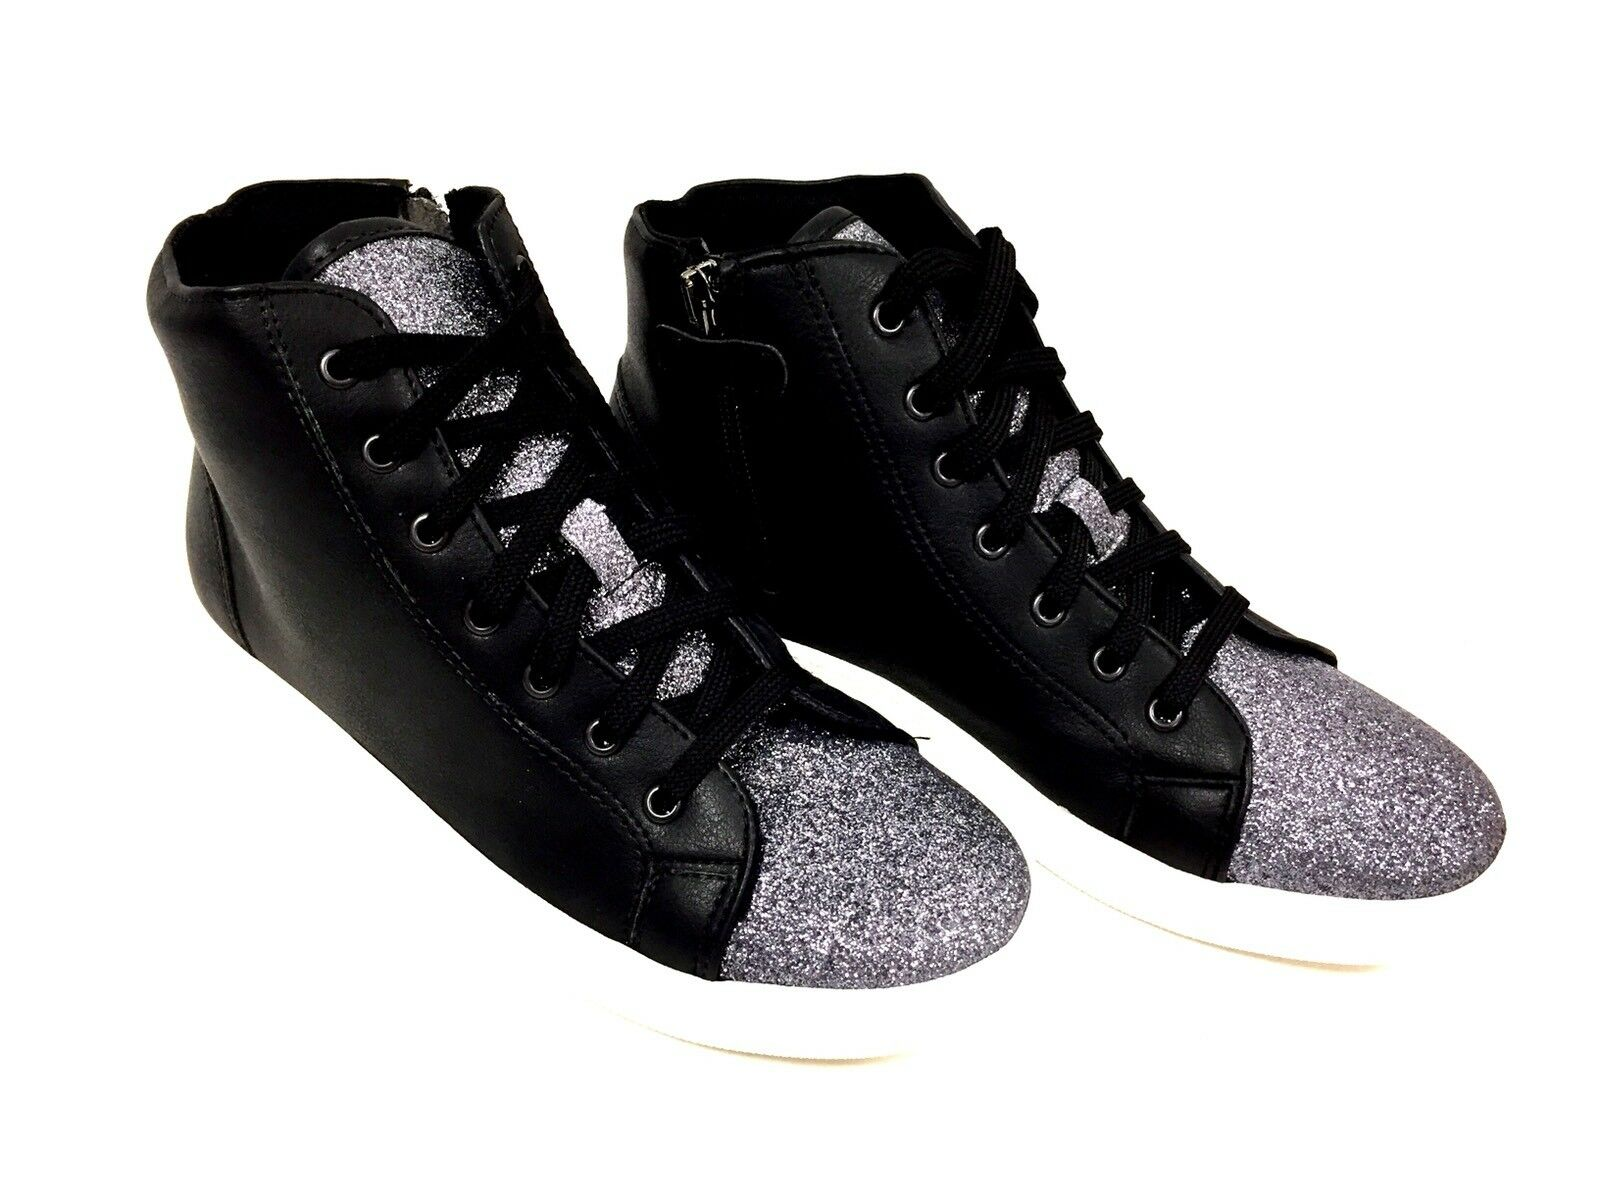 shoes femme black avec paillettes Guess size 38 FR  7.5 US